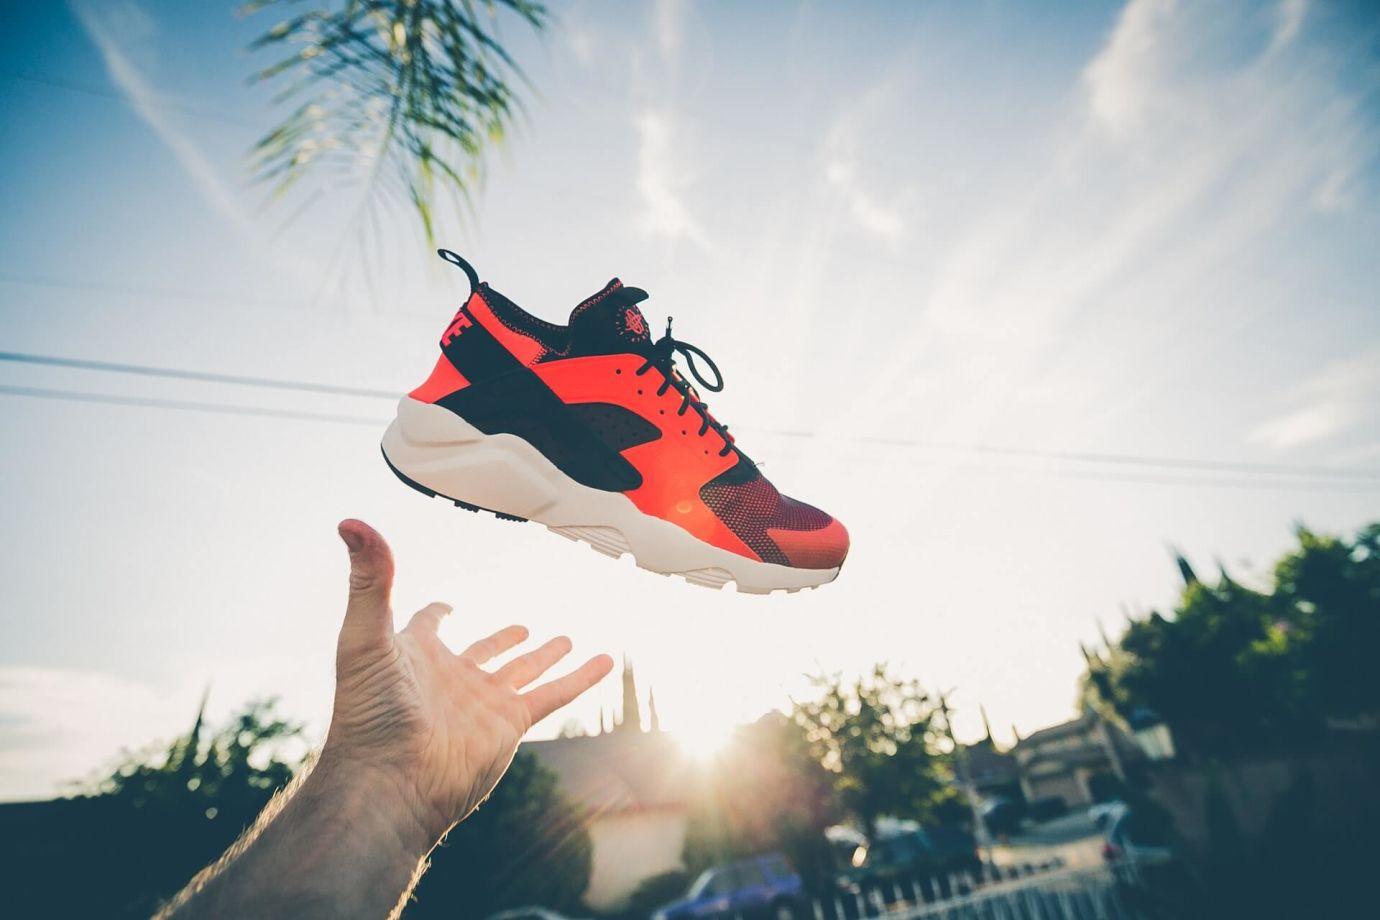 Rot-schwarzer Sneaker wird in die Luft geworfen